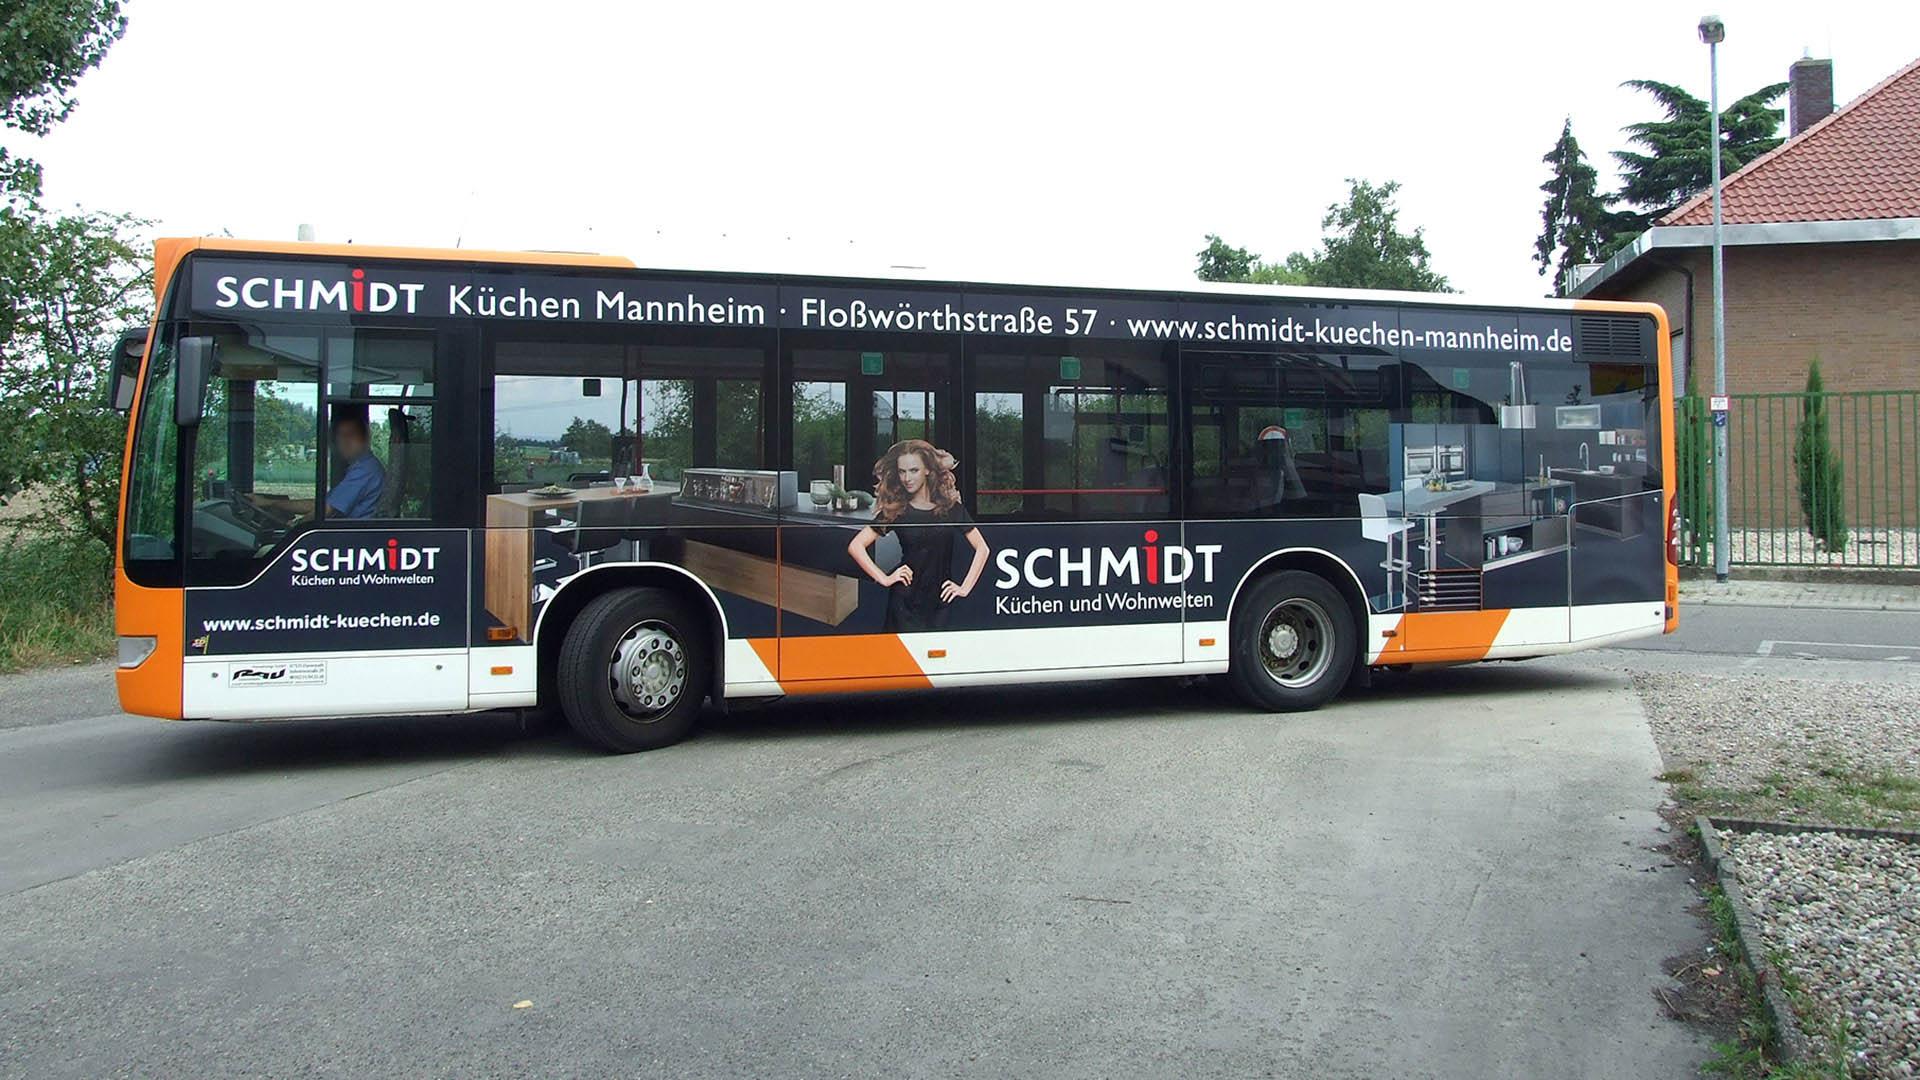 Buswerbung Mannheim